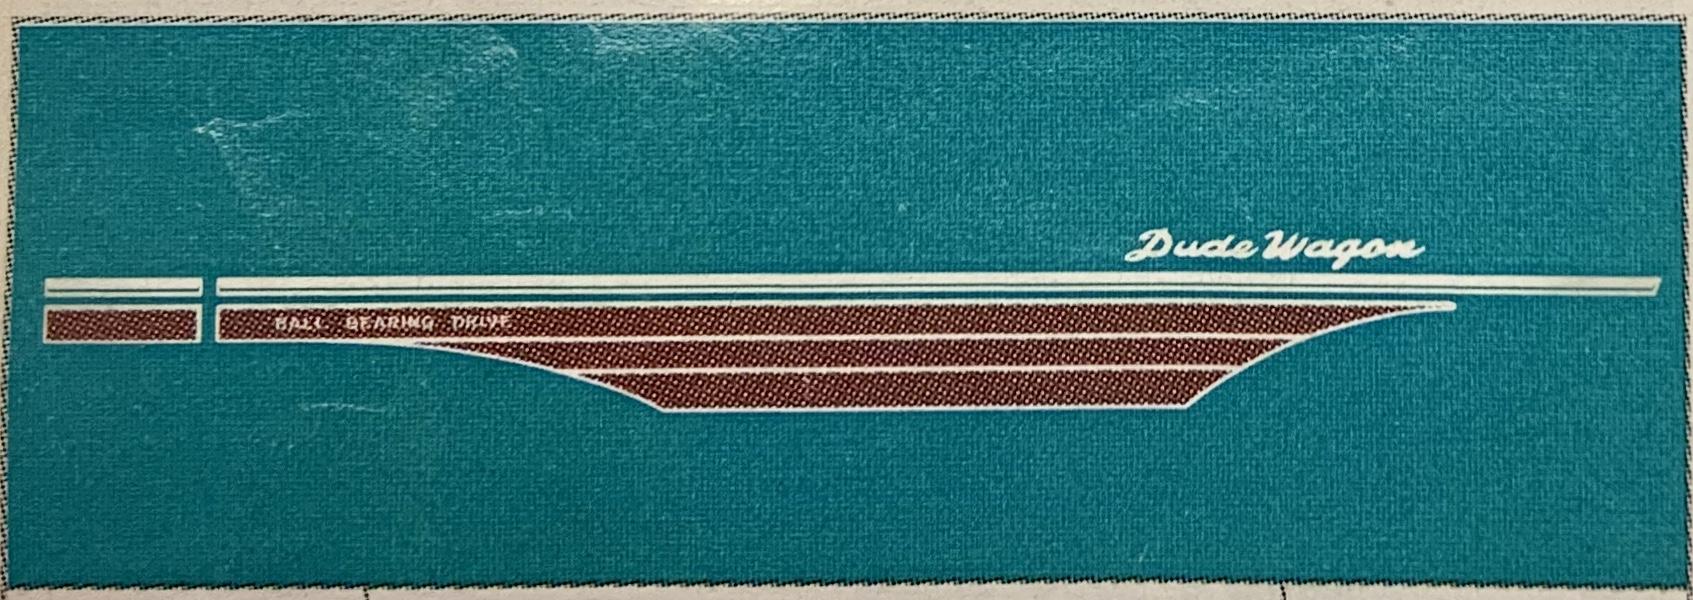 flat-face-dude-wagon-68-70.jpg